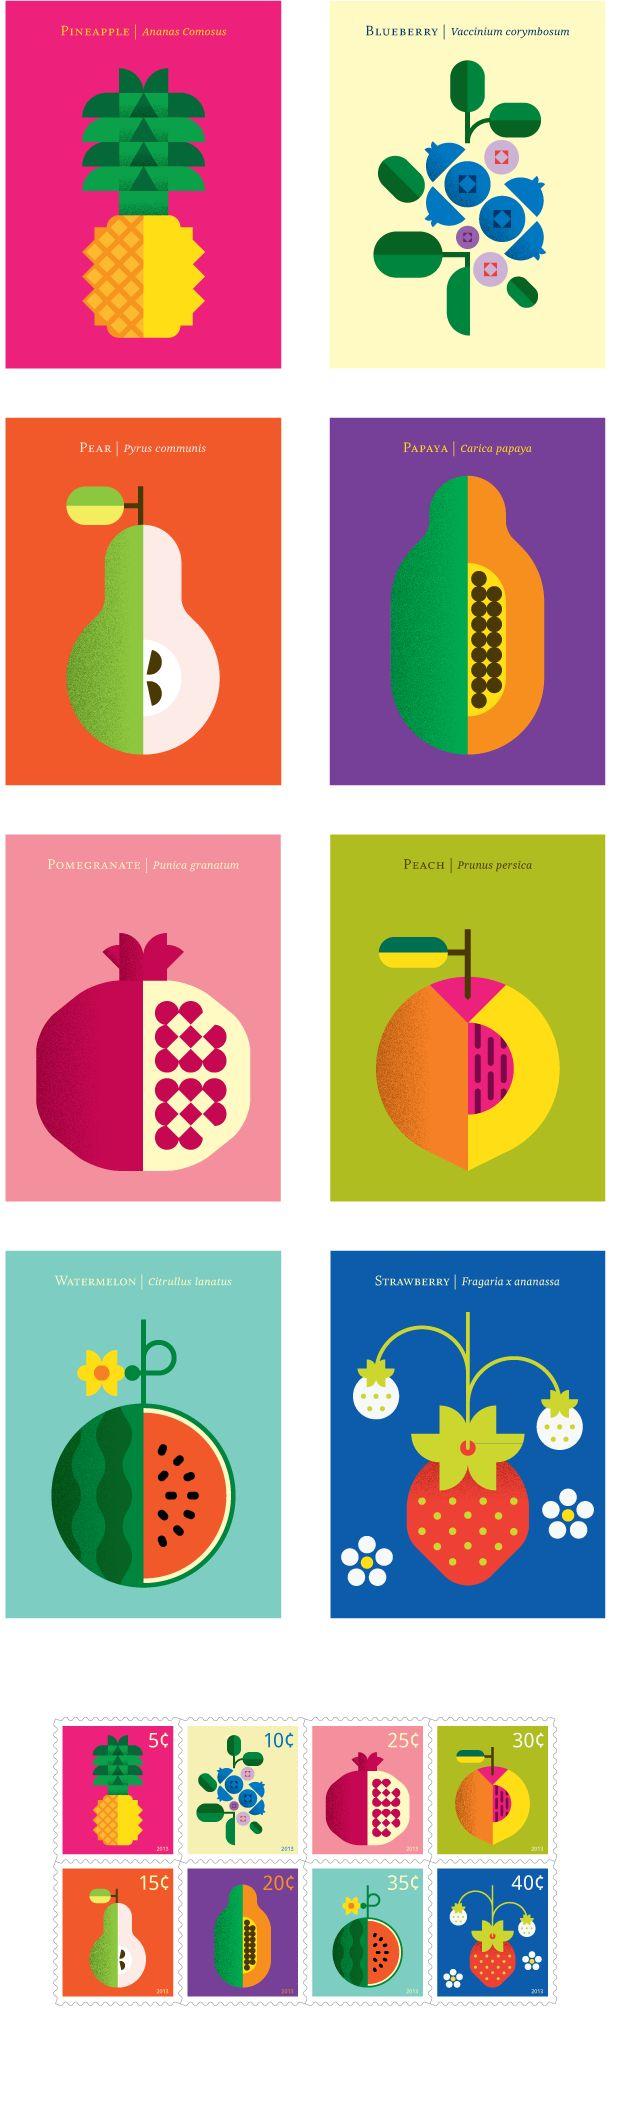 wondrous varieties of fruit -christopher dina-